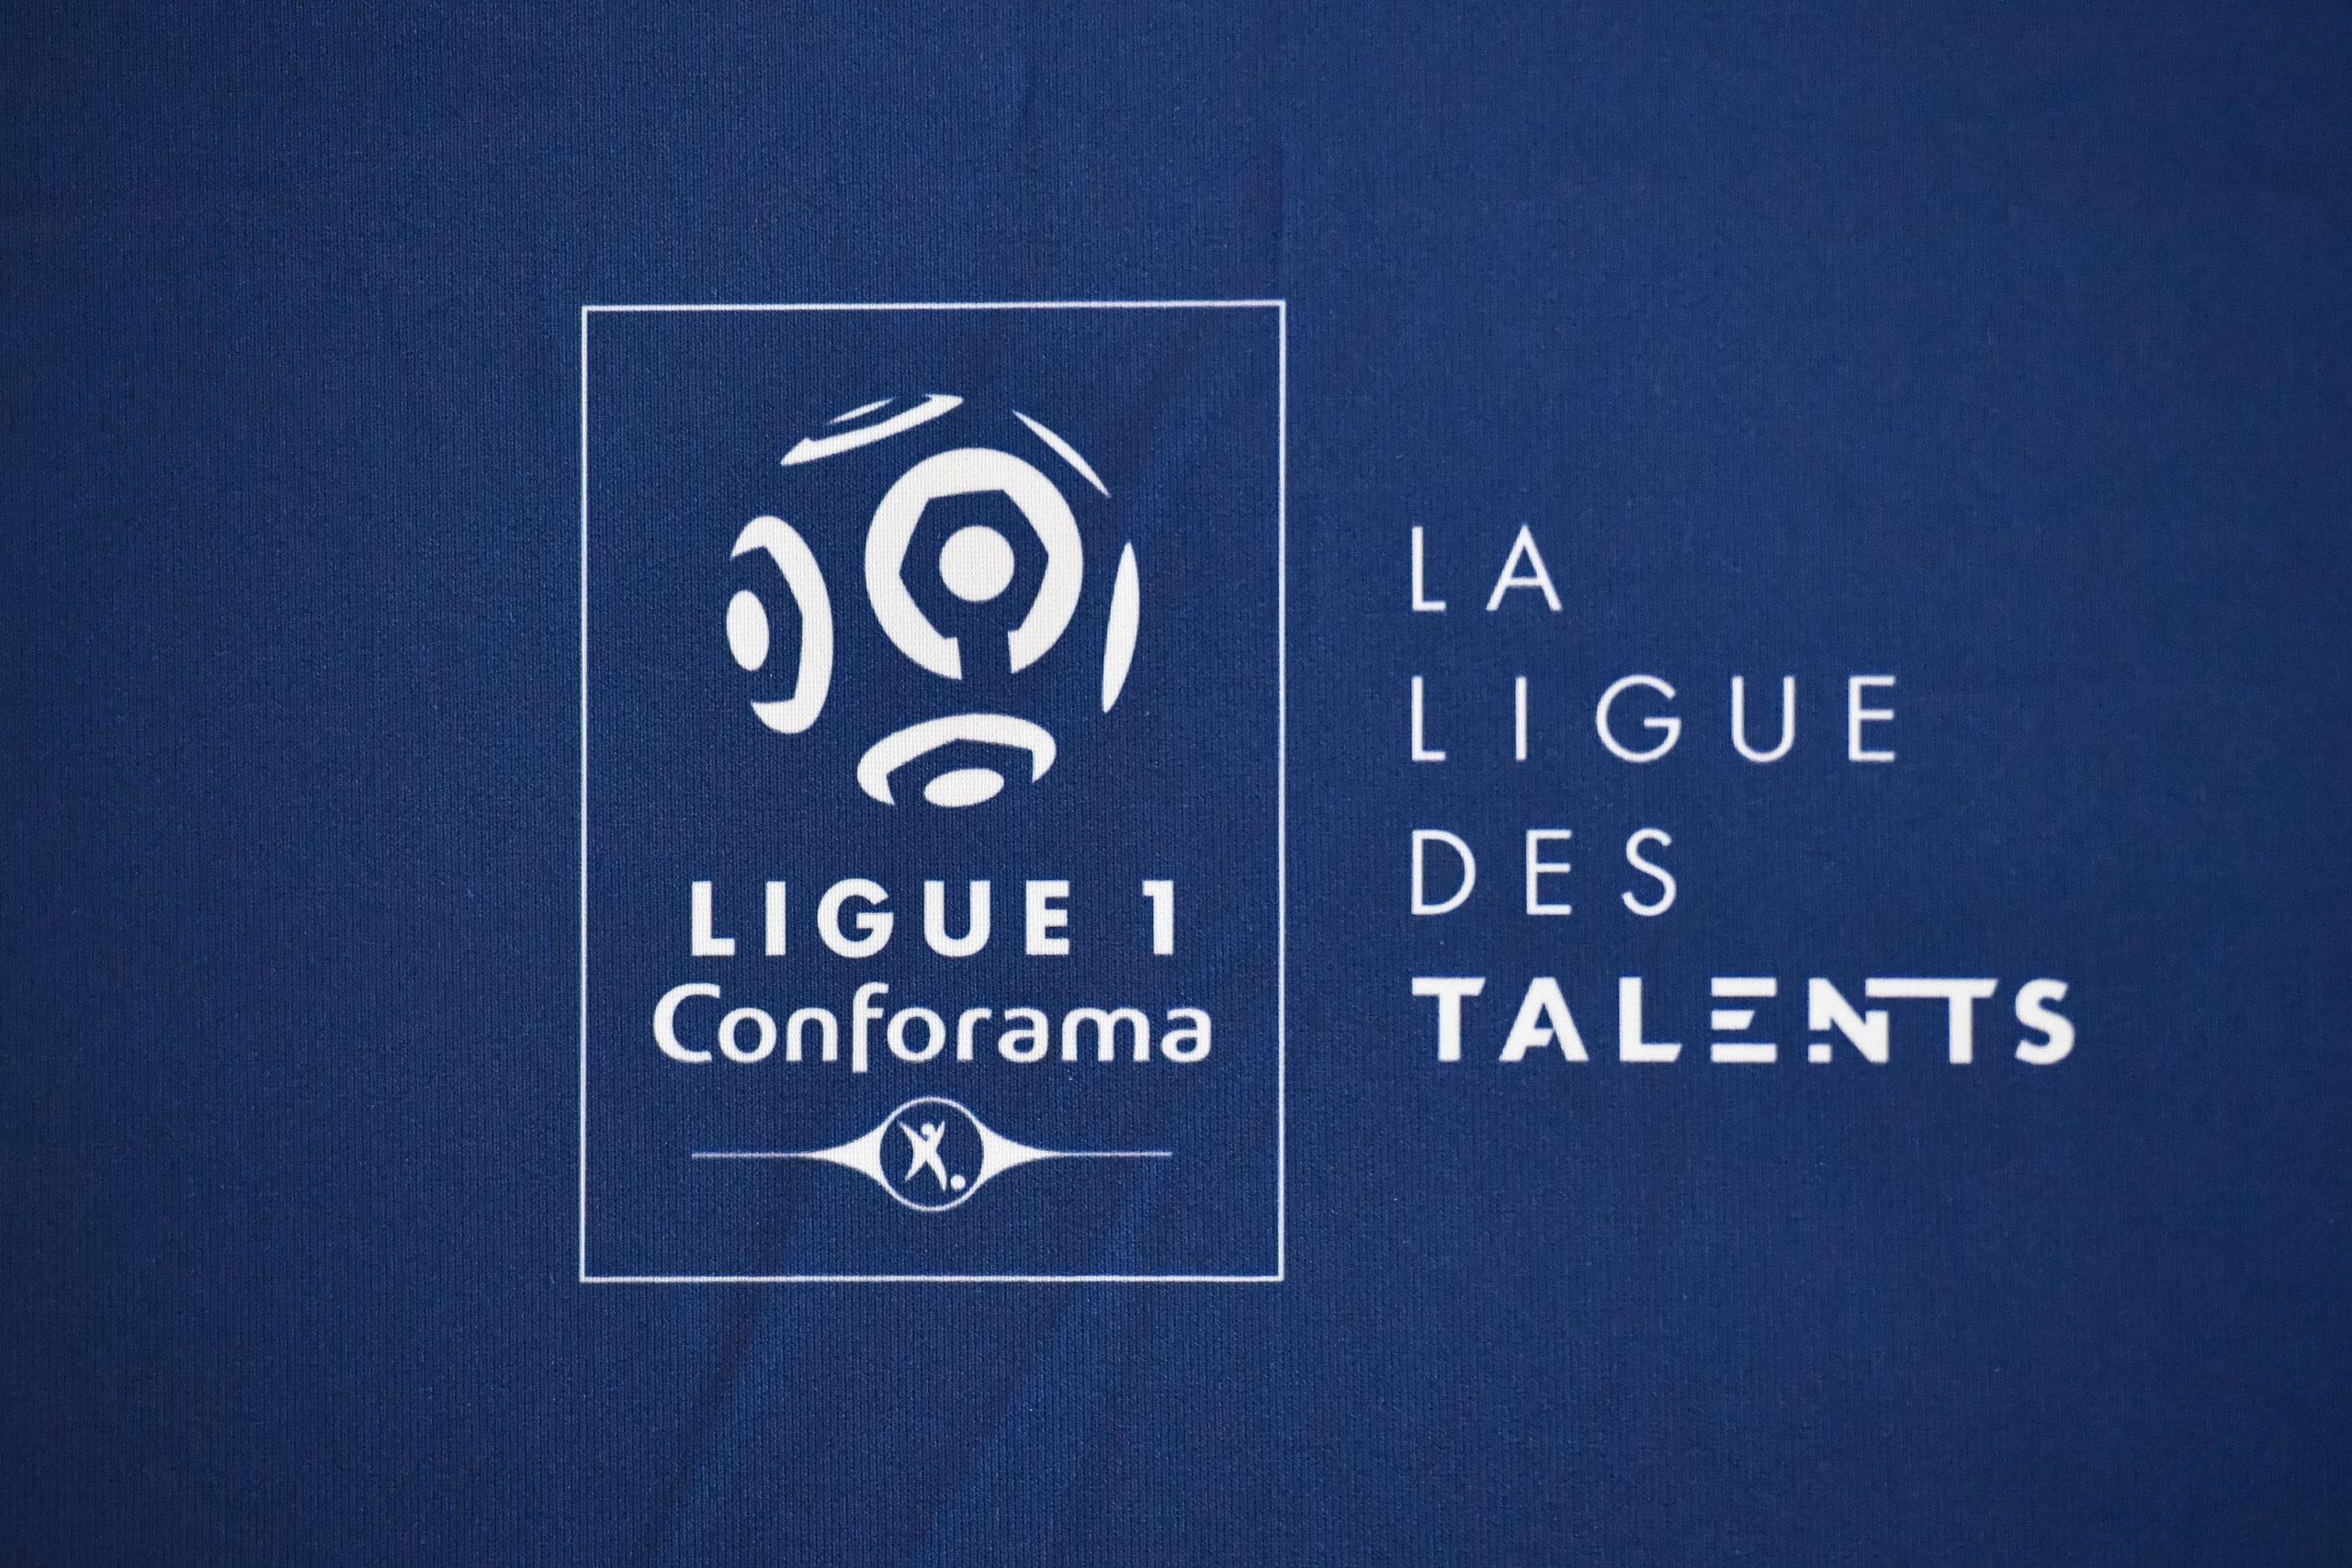 Le calendrier de la Ligue 1 2020-2021 sera dévoilé ce vendredi 26 juin